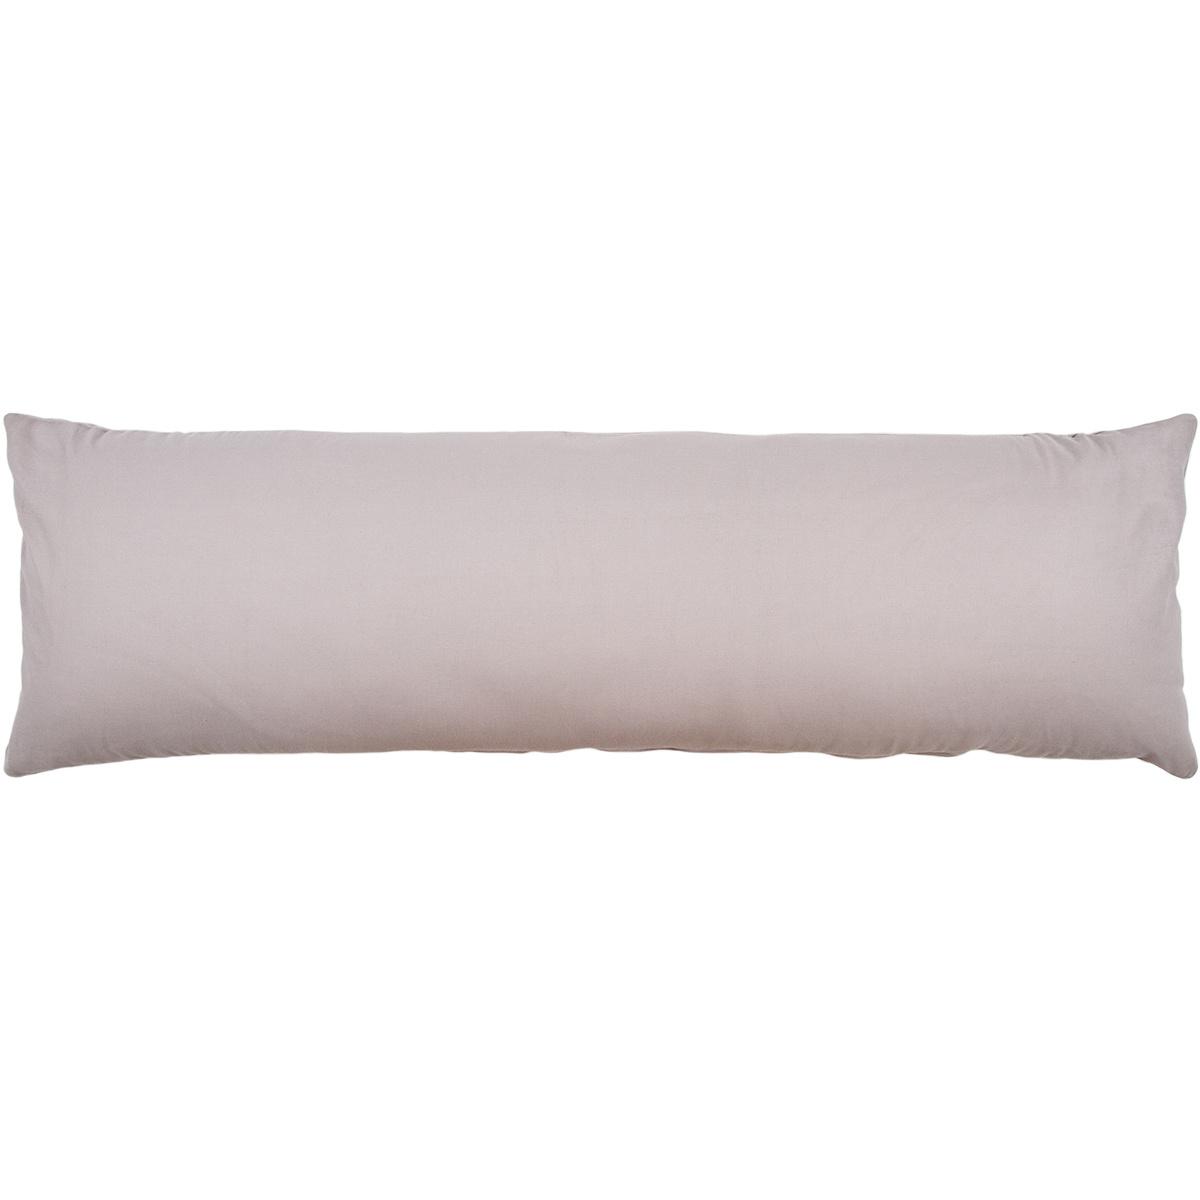 Trade Concept Povlak na Relaxační polštář Náhradní manžel UNI šedá, 50 x 150 cm